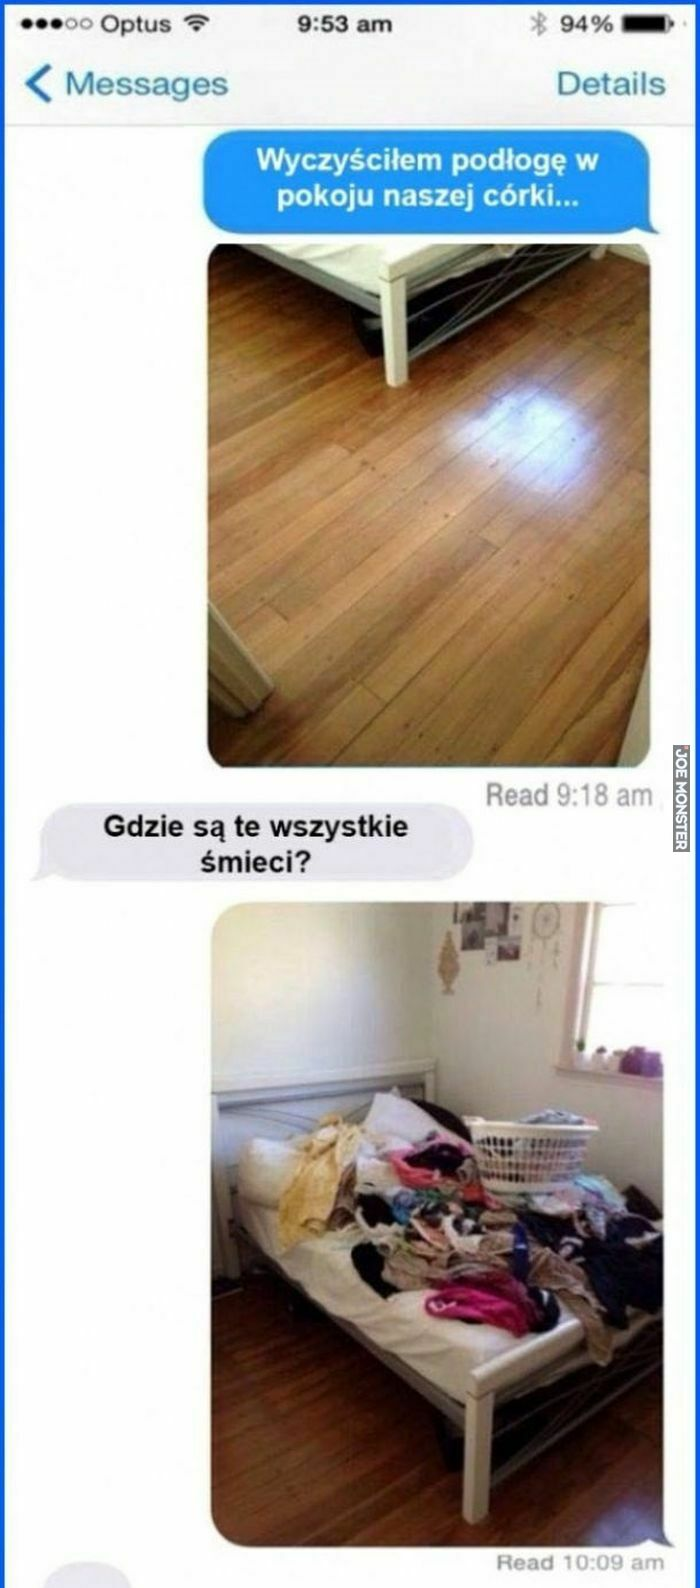 wyczyściłem podłogę w pokoju naszej córki